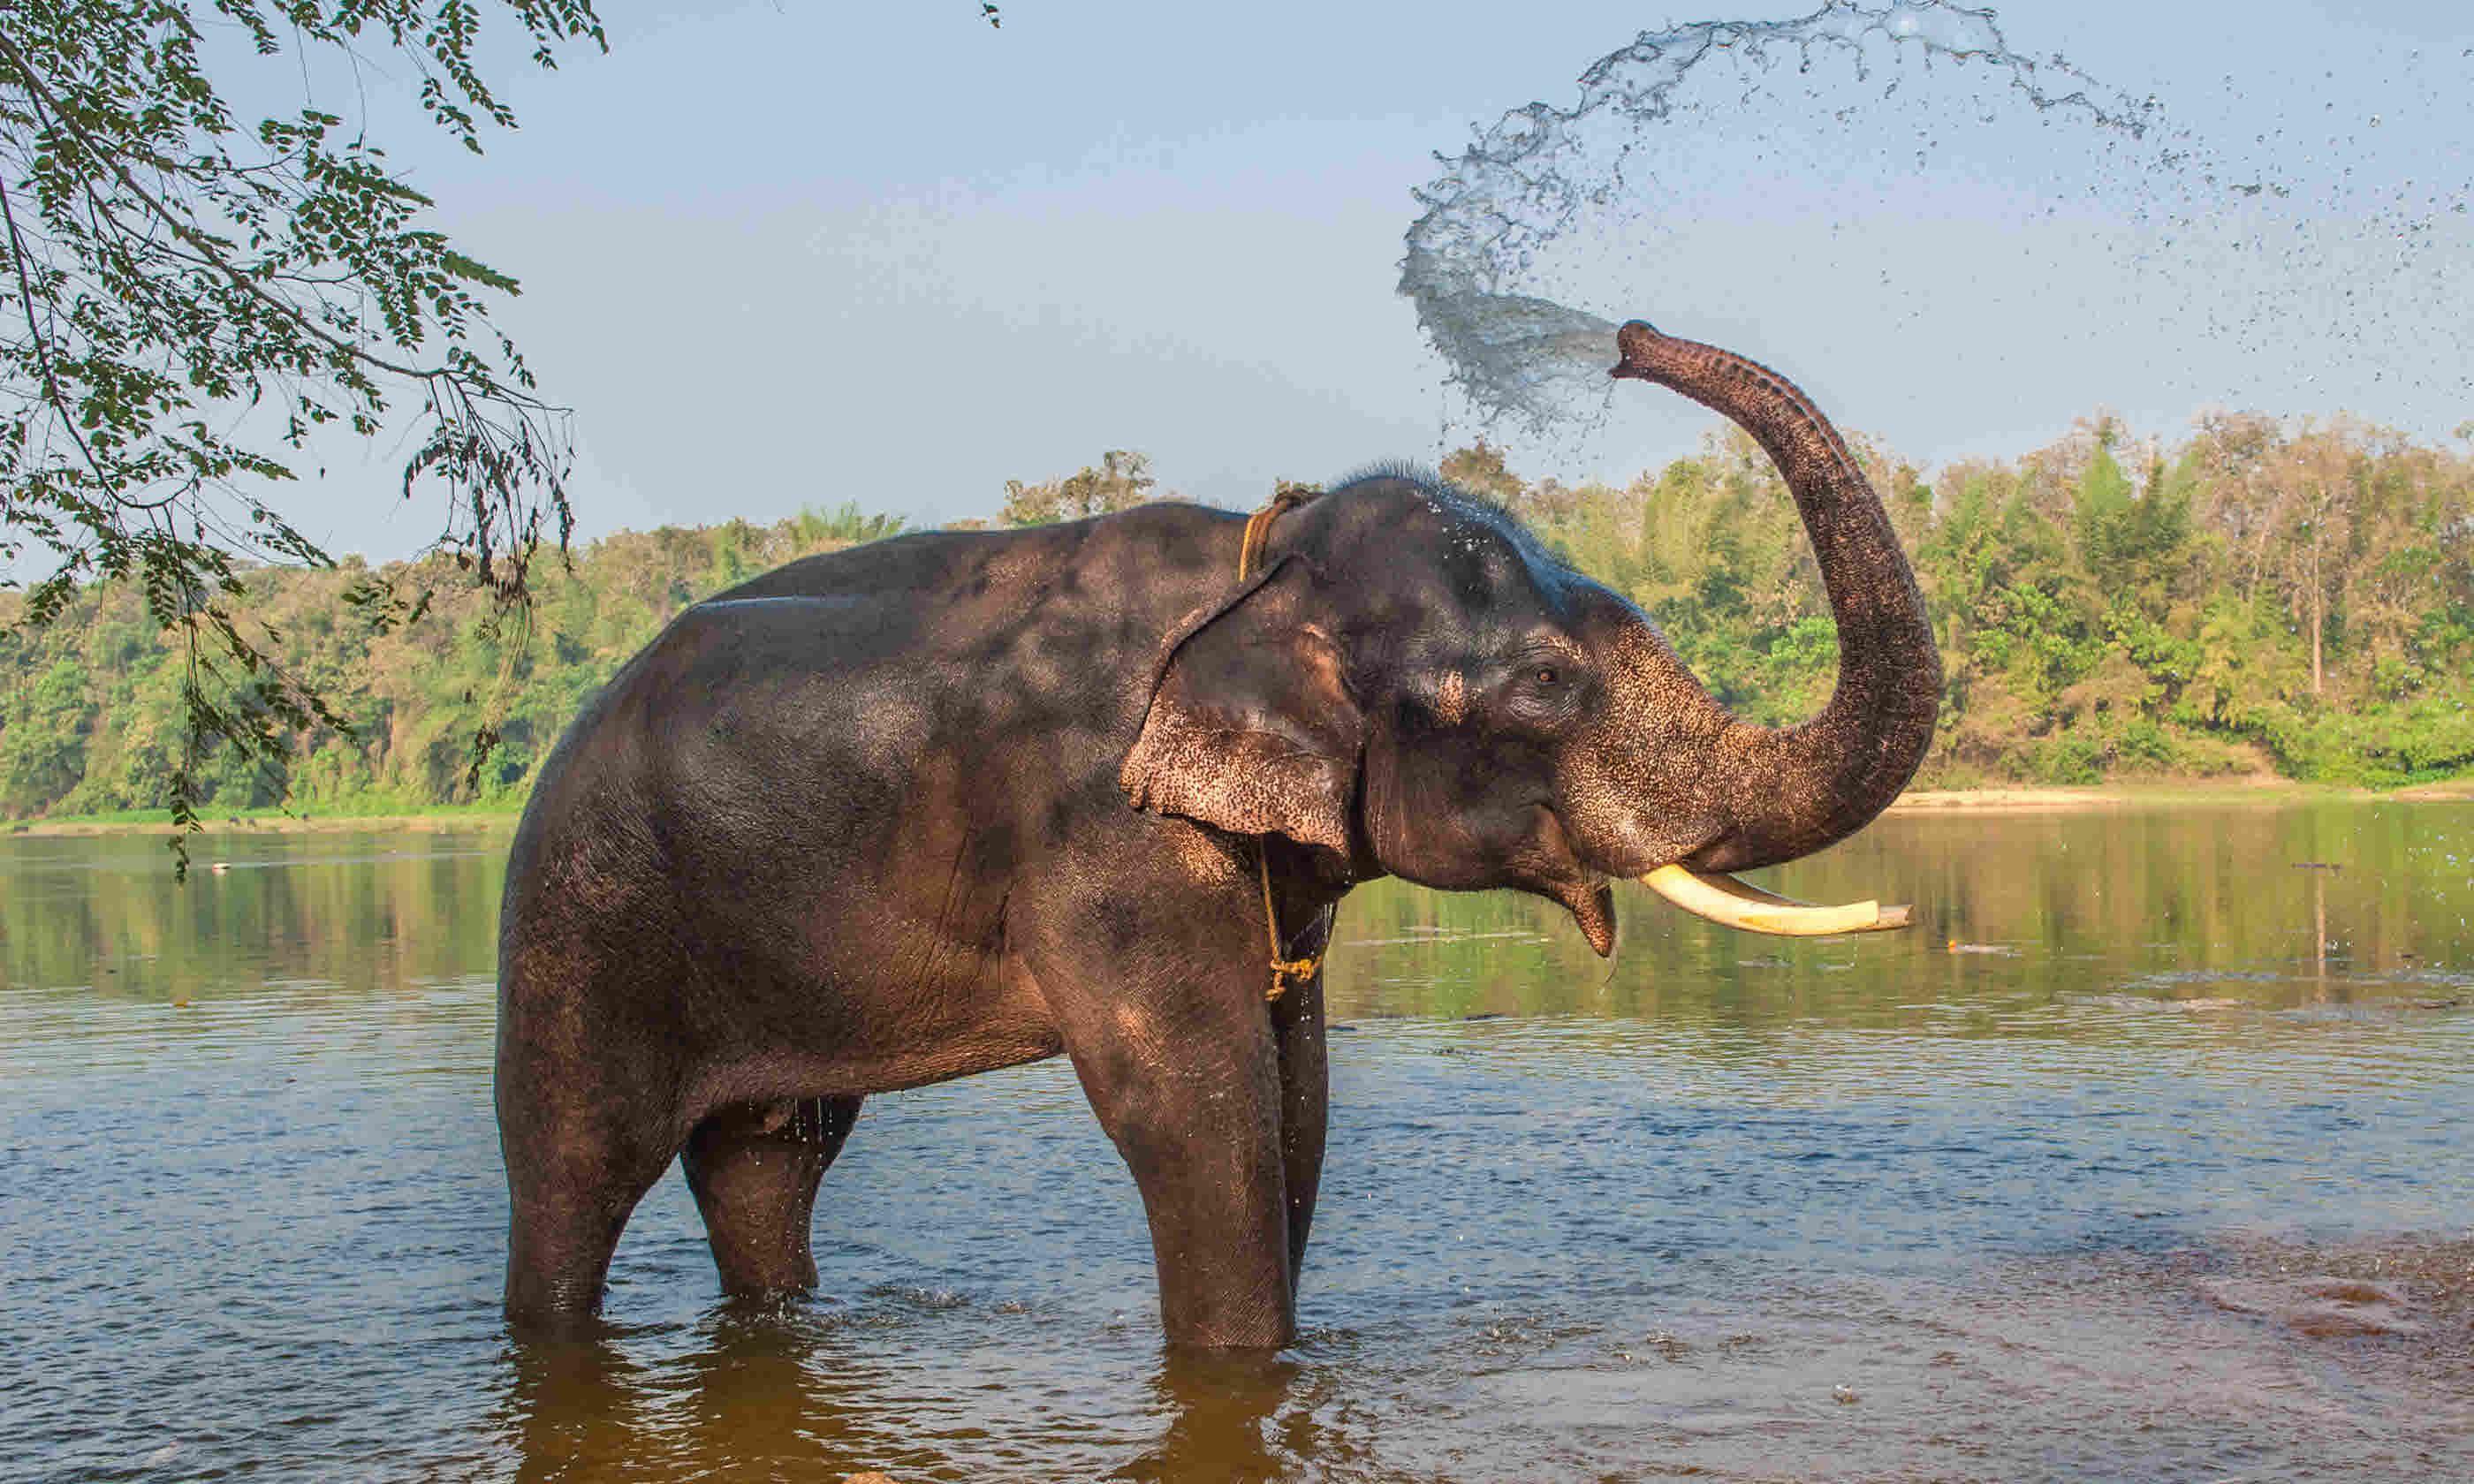 Elephant bathing in Kerala, India (Shutterstock)